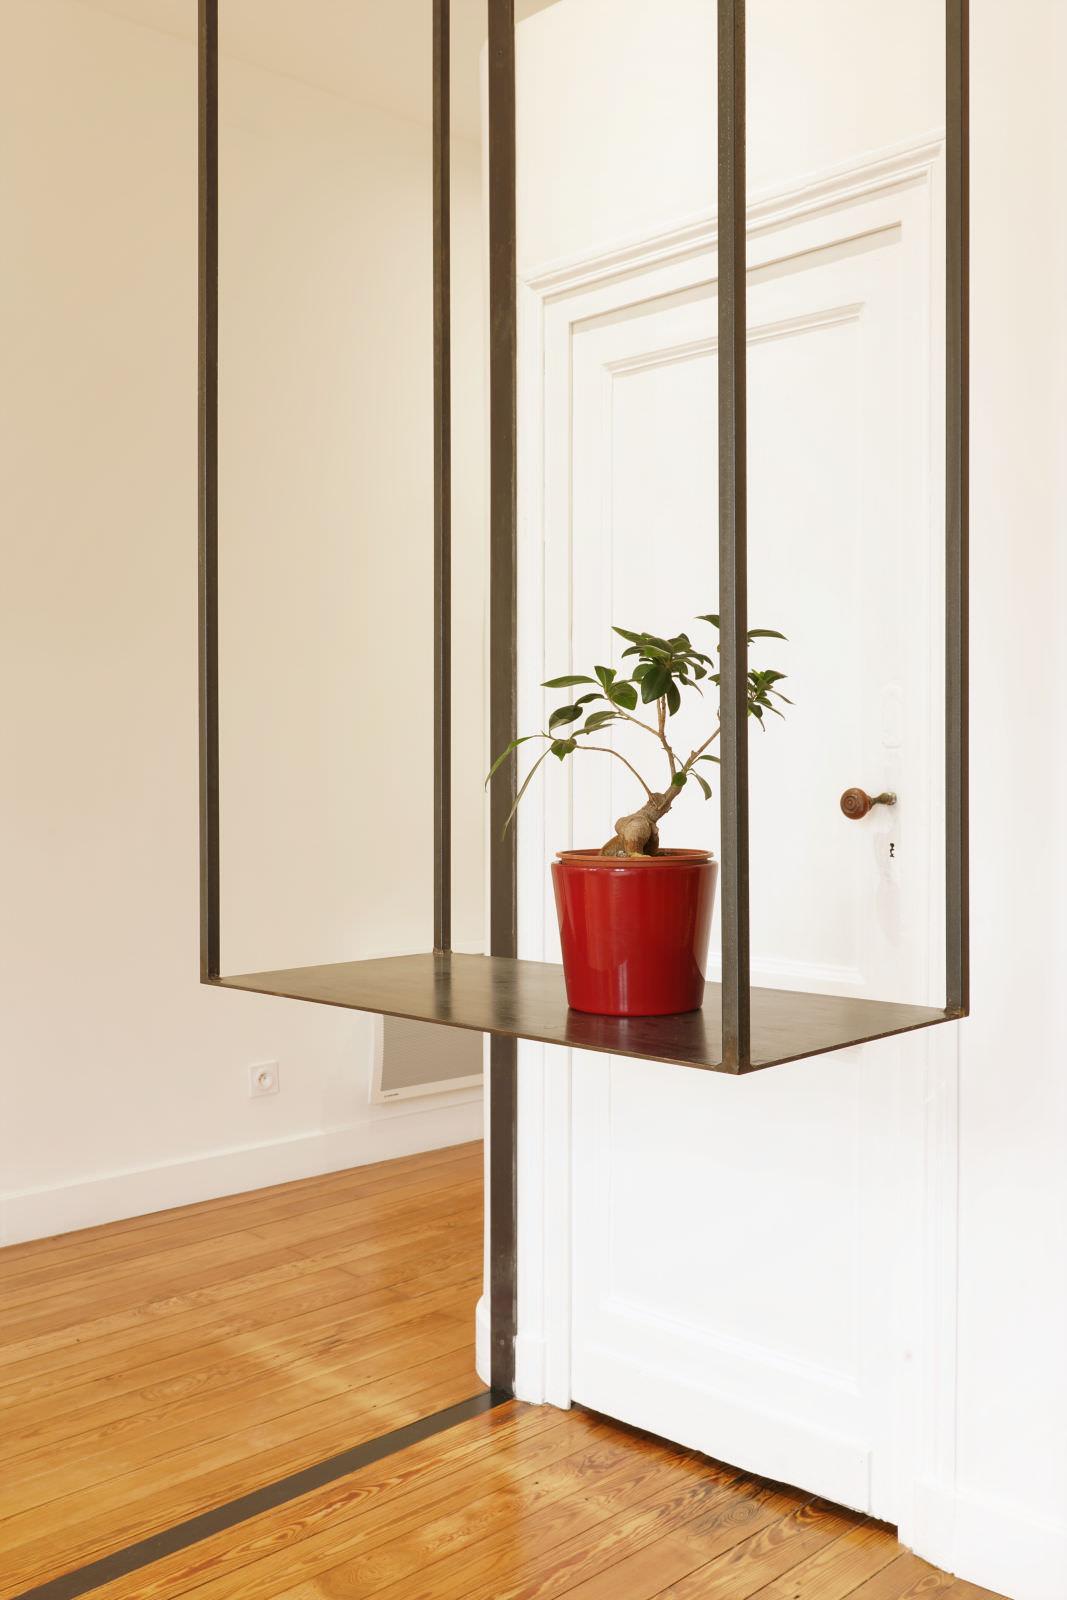 Photographe professionnel - architecture intérieure - Design - photo de détails - Appartement - Bordeaux - Thierry Pousset